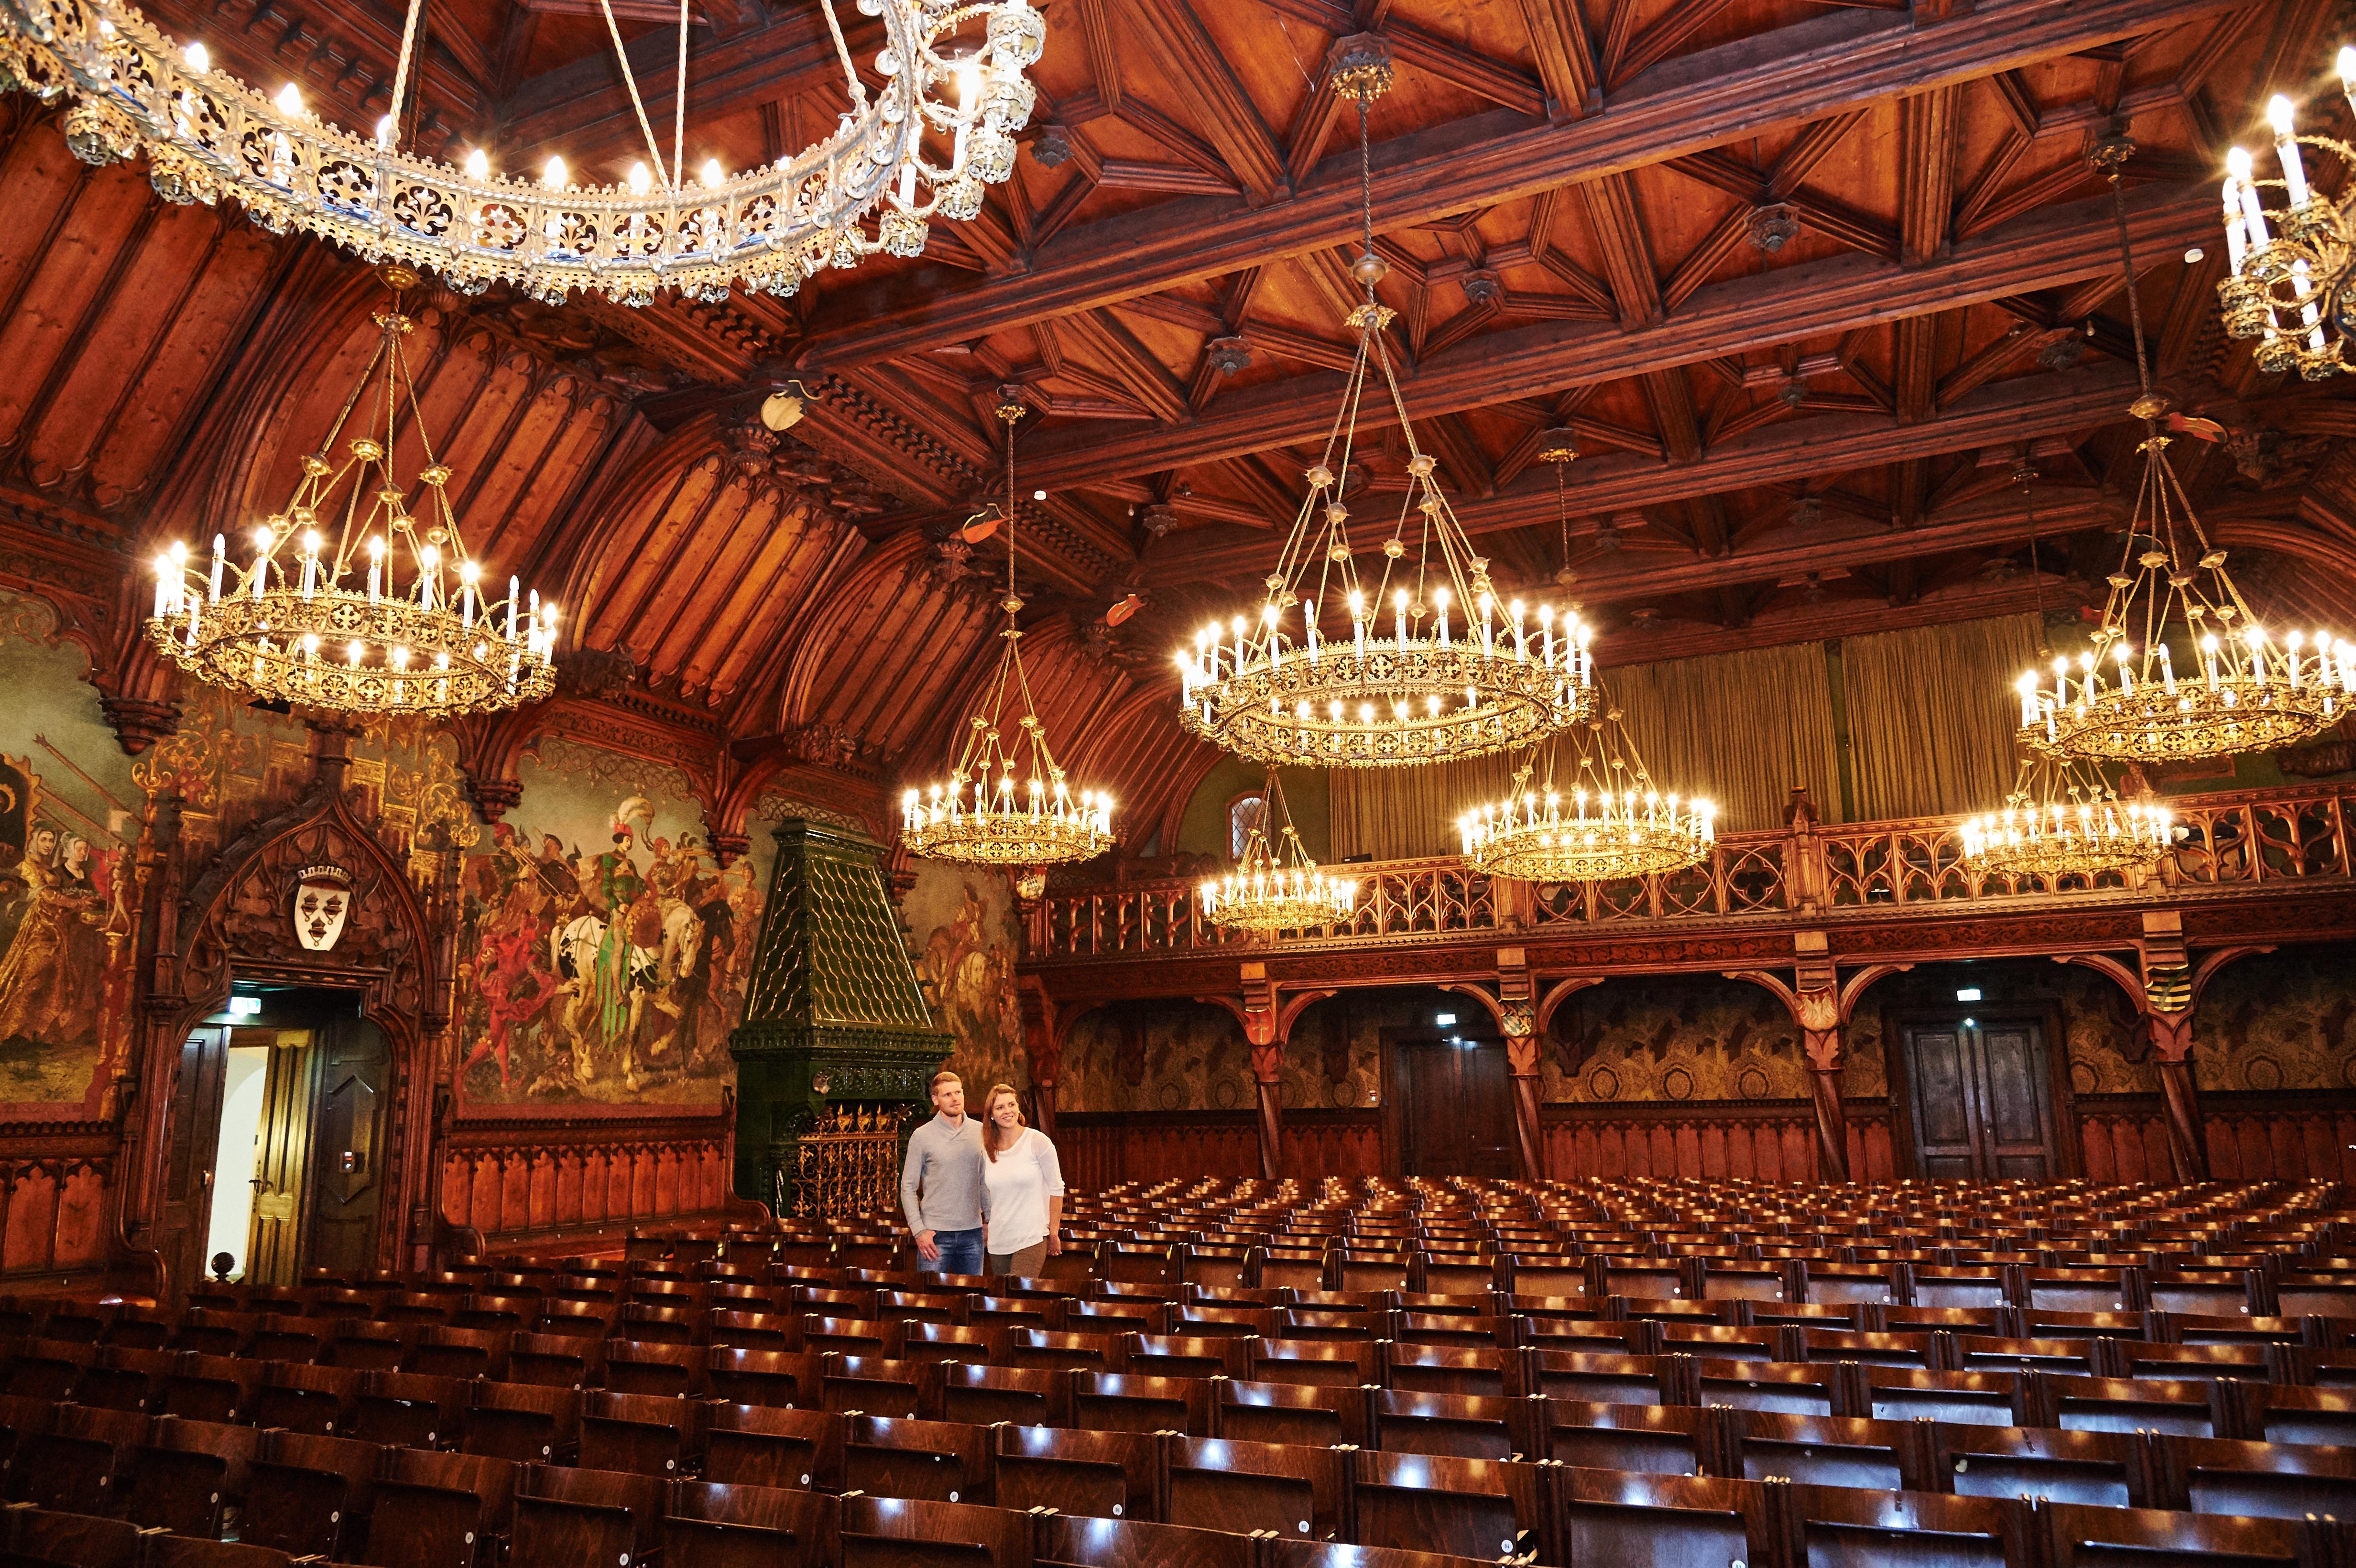 """Der Rathausprunksaal - die """"räumliche Seele"""" des Rathauses in Landshut - wurde 1878 von Georg Hauberisser gestaltet."""